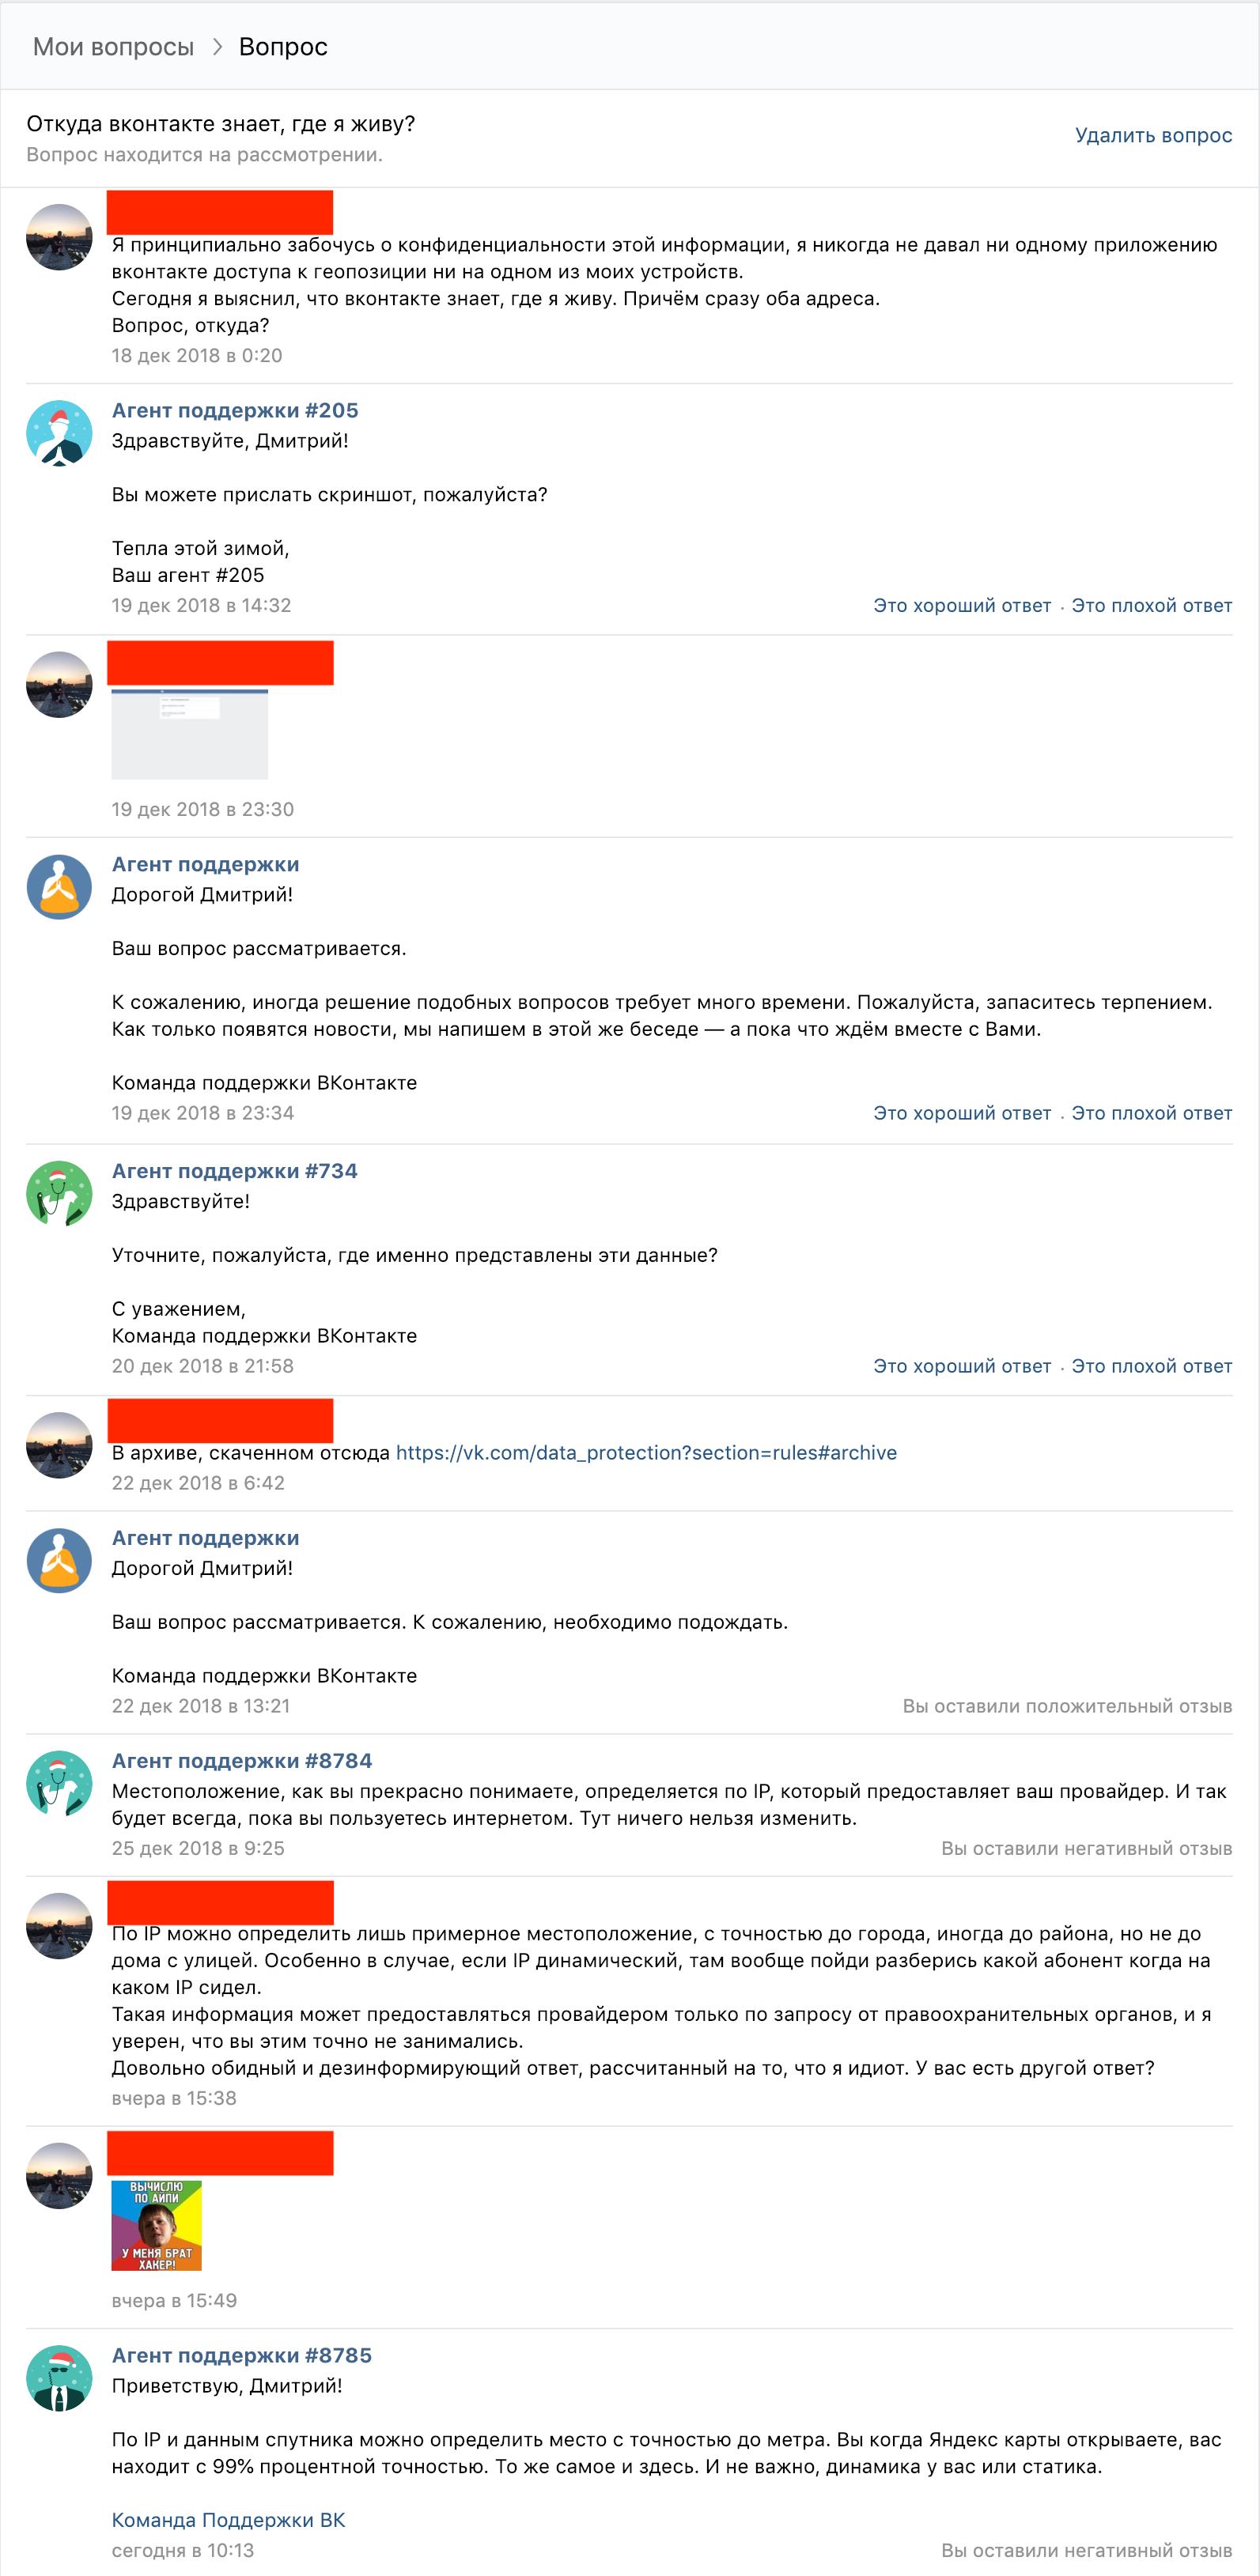 ВКонтакте вычисляет ваше местоположение по IP - 2